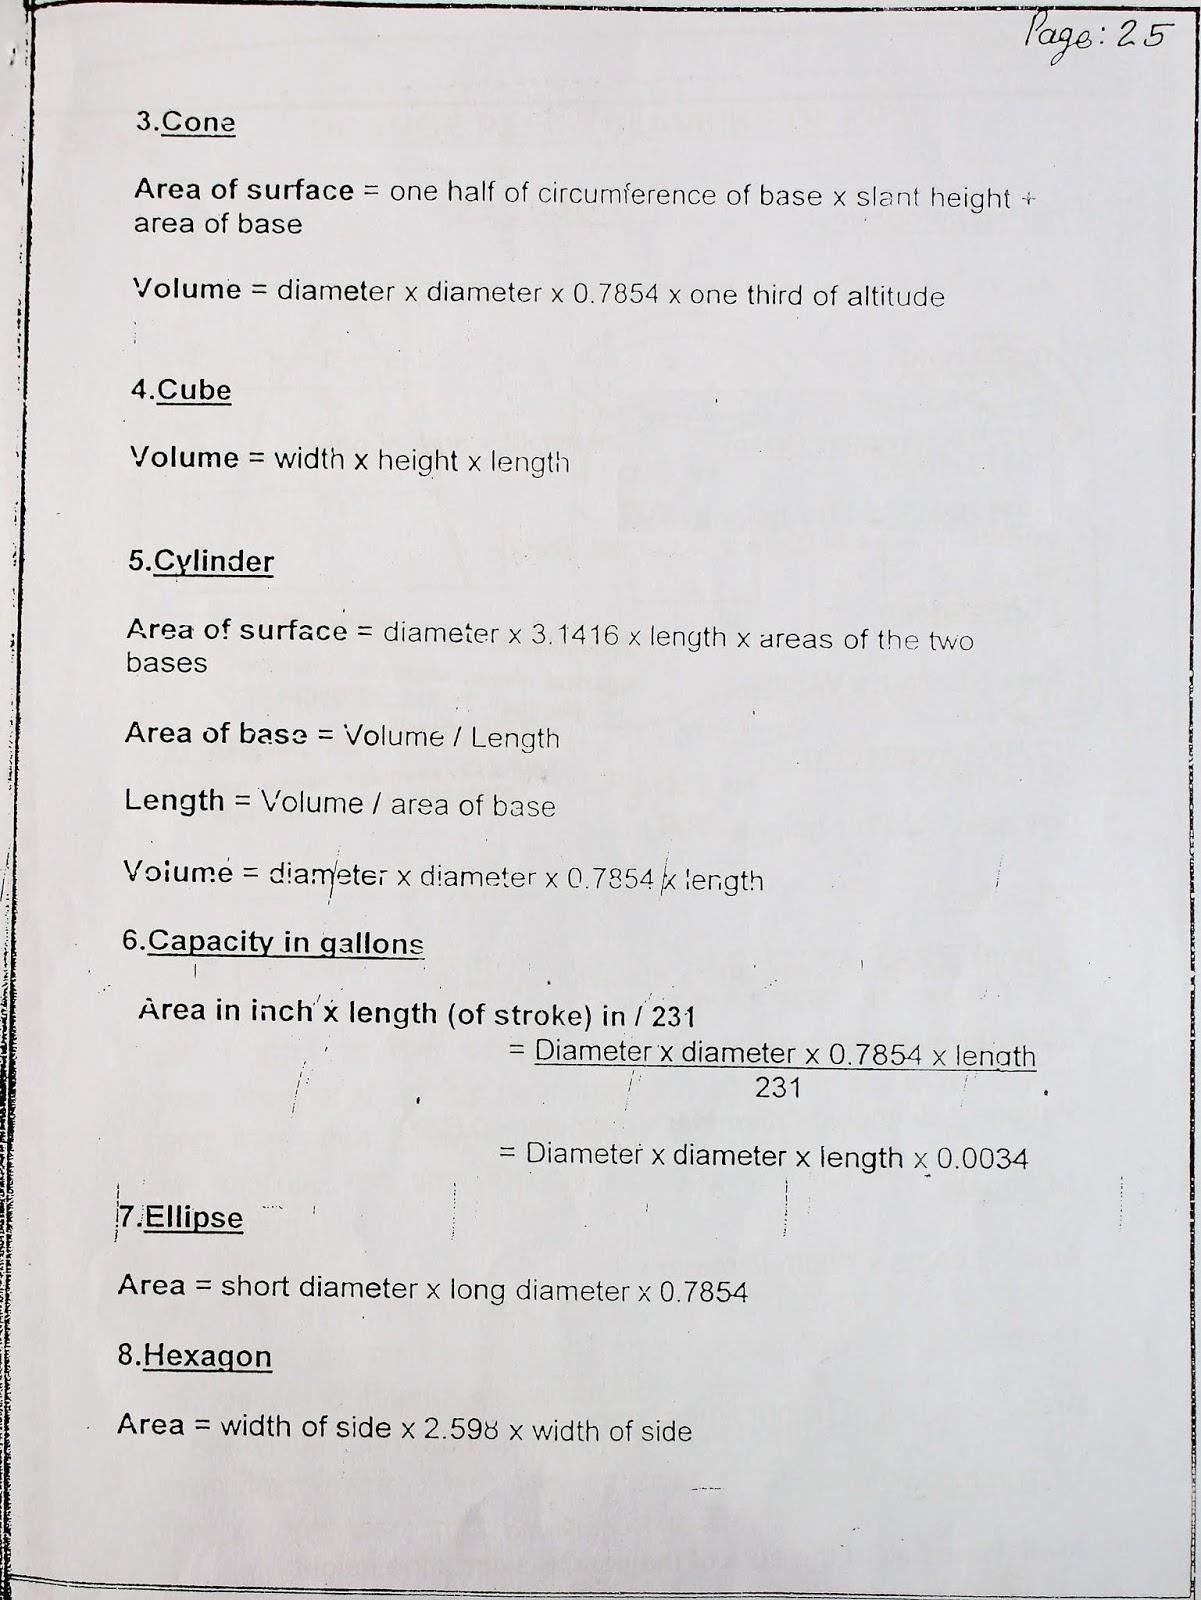 pipe fitter book pdf download/पाइप फिटर थ्योरी बुक इन